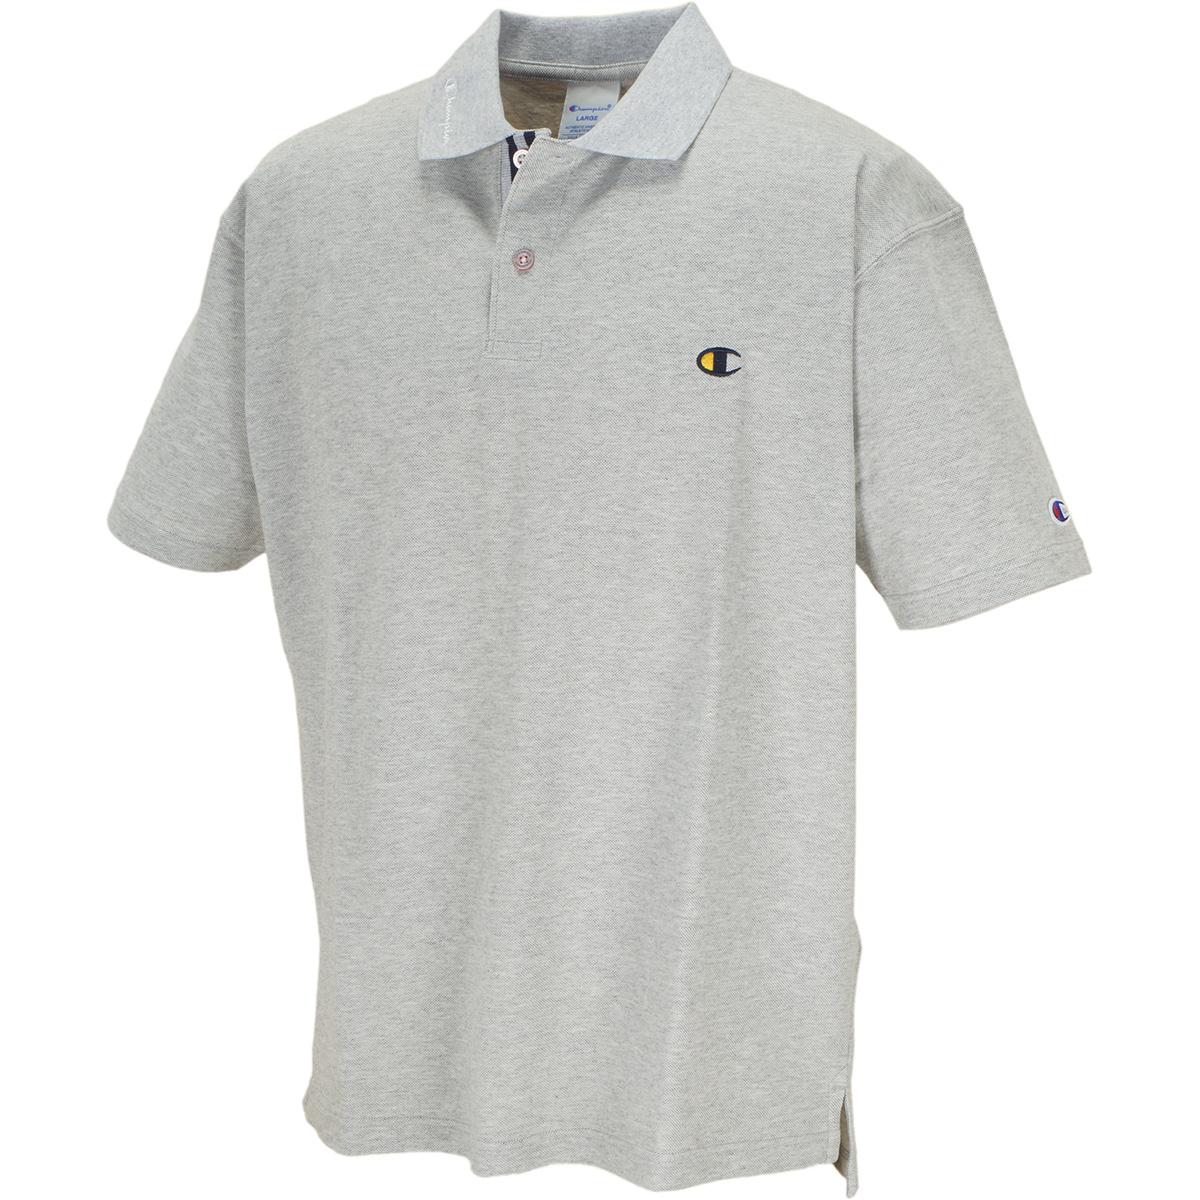 ワイドシルエット 半袖ポロシャツ